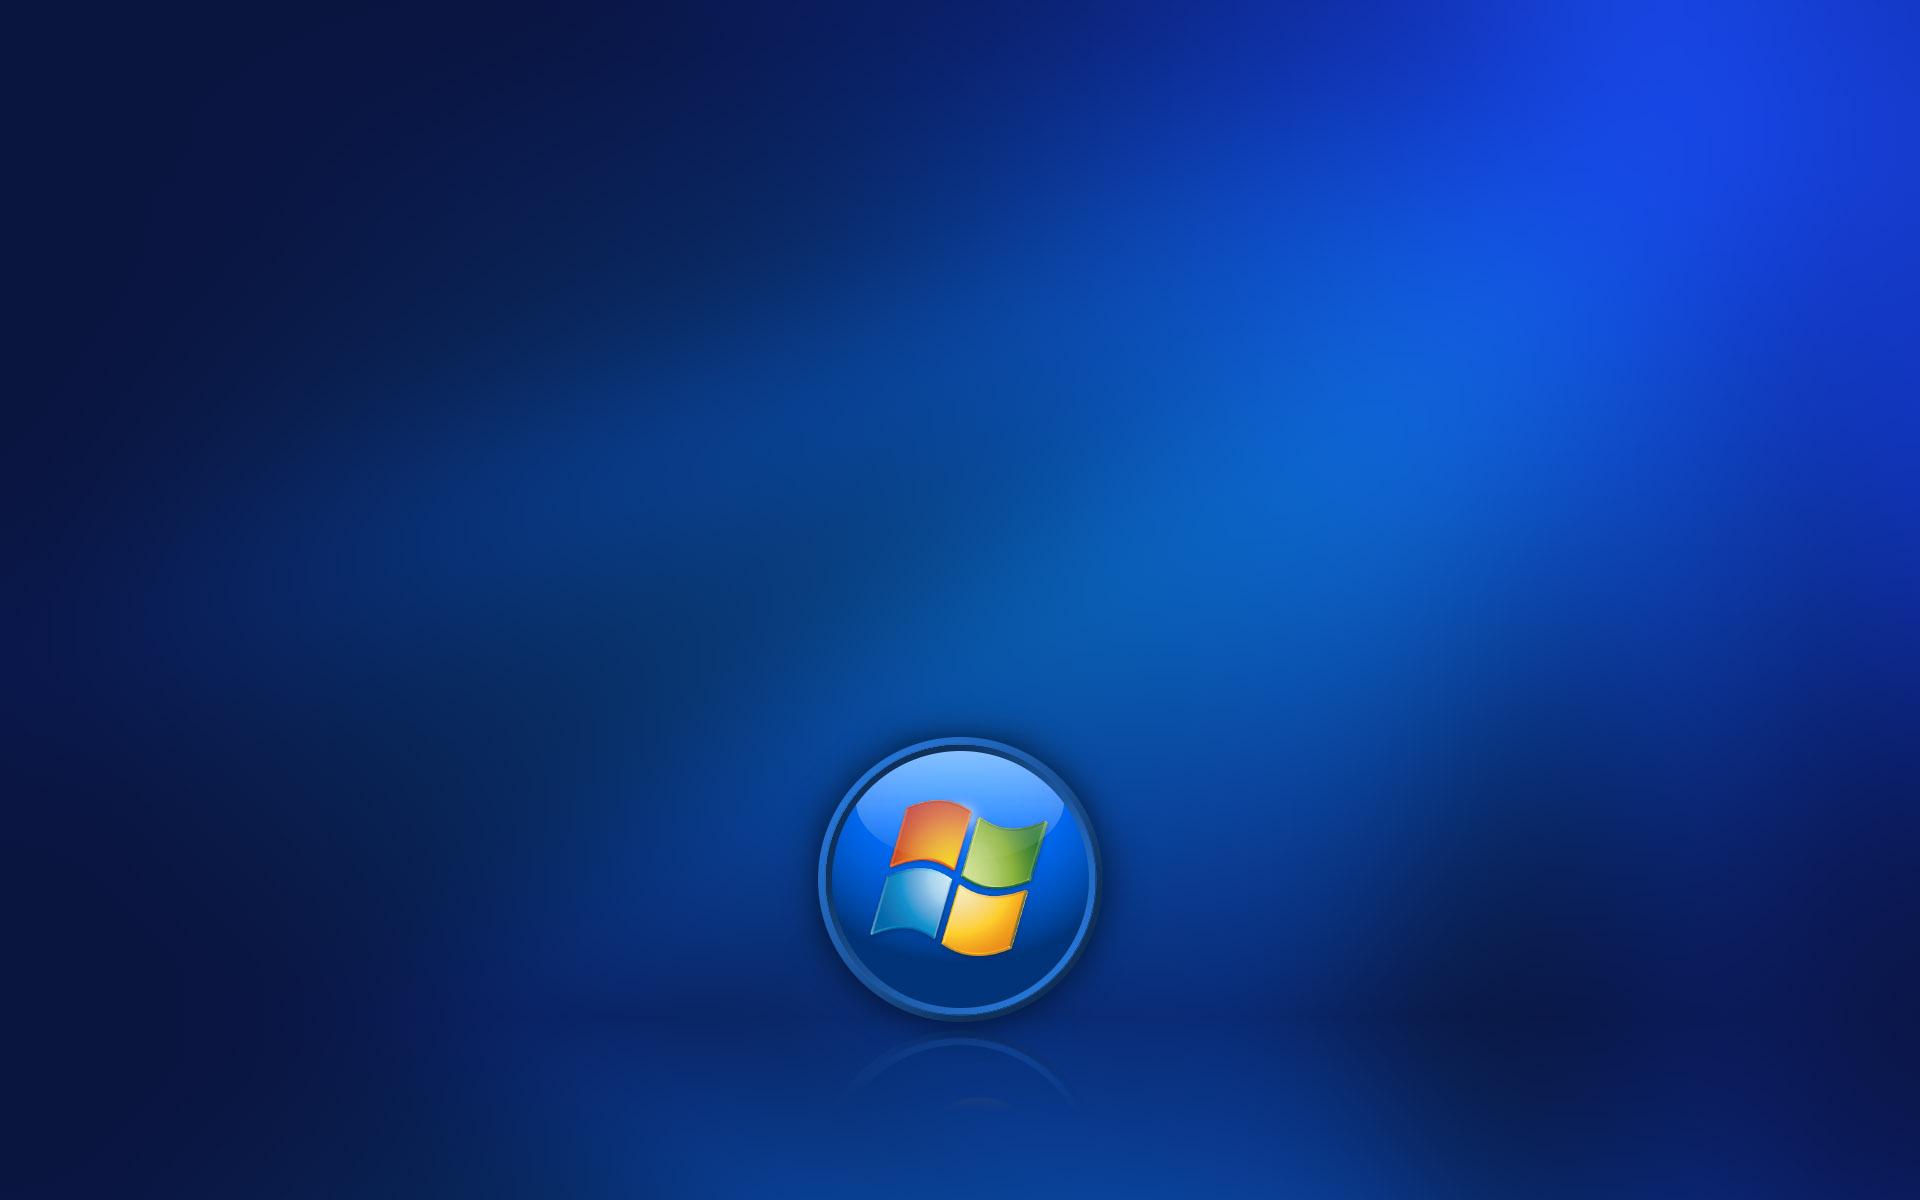 coders windows fan - photo #8